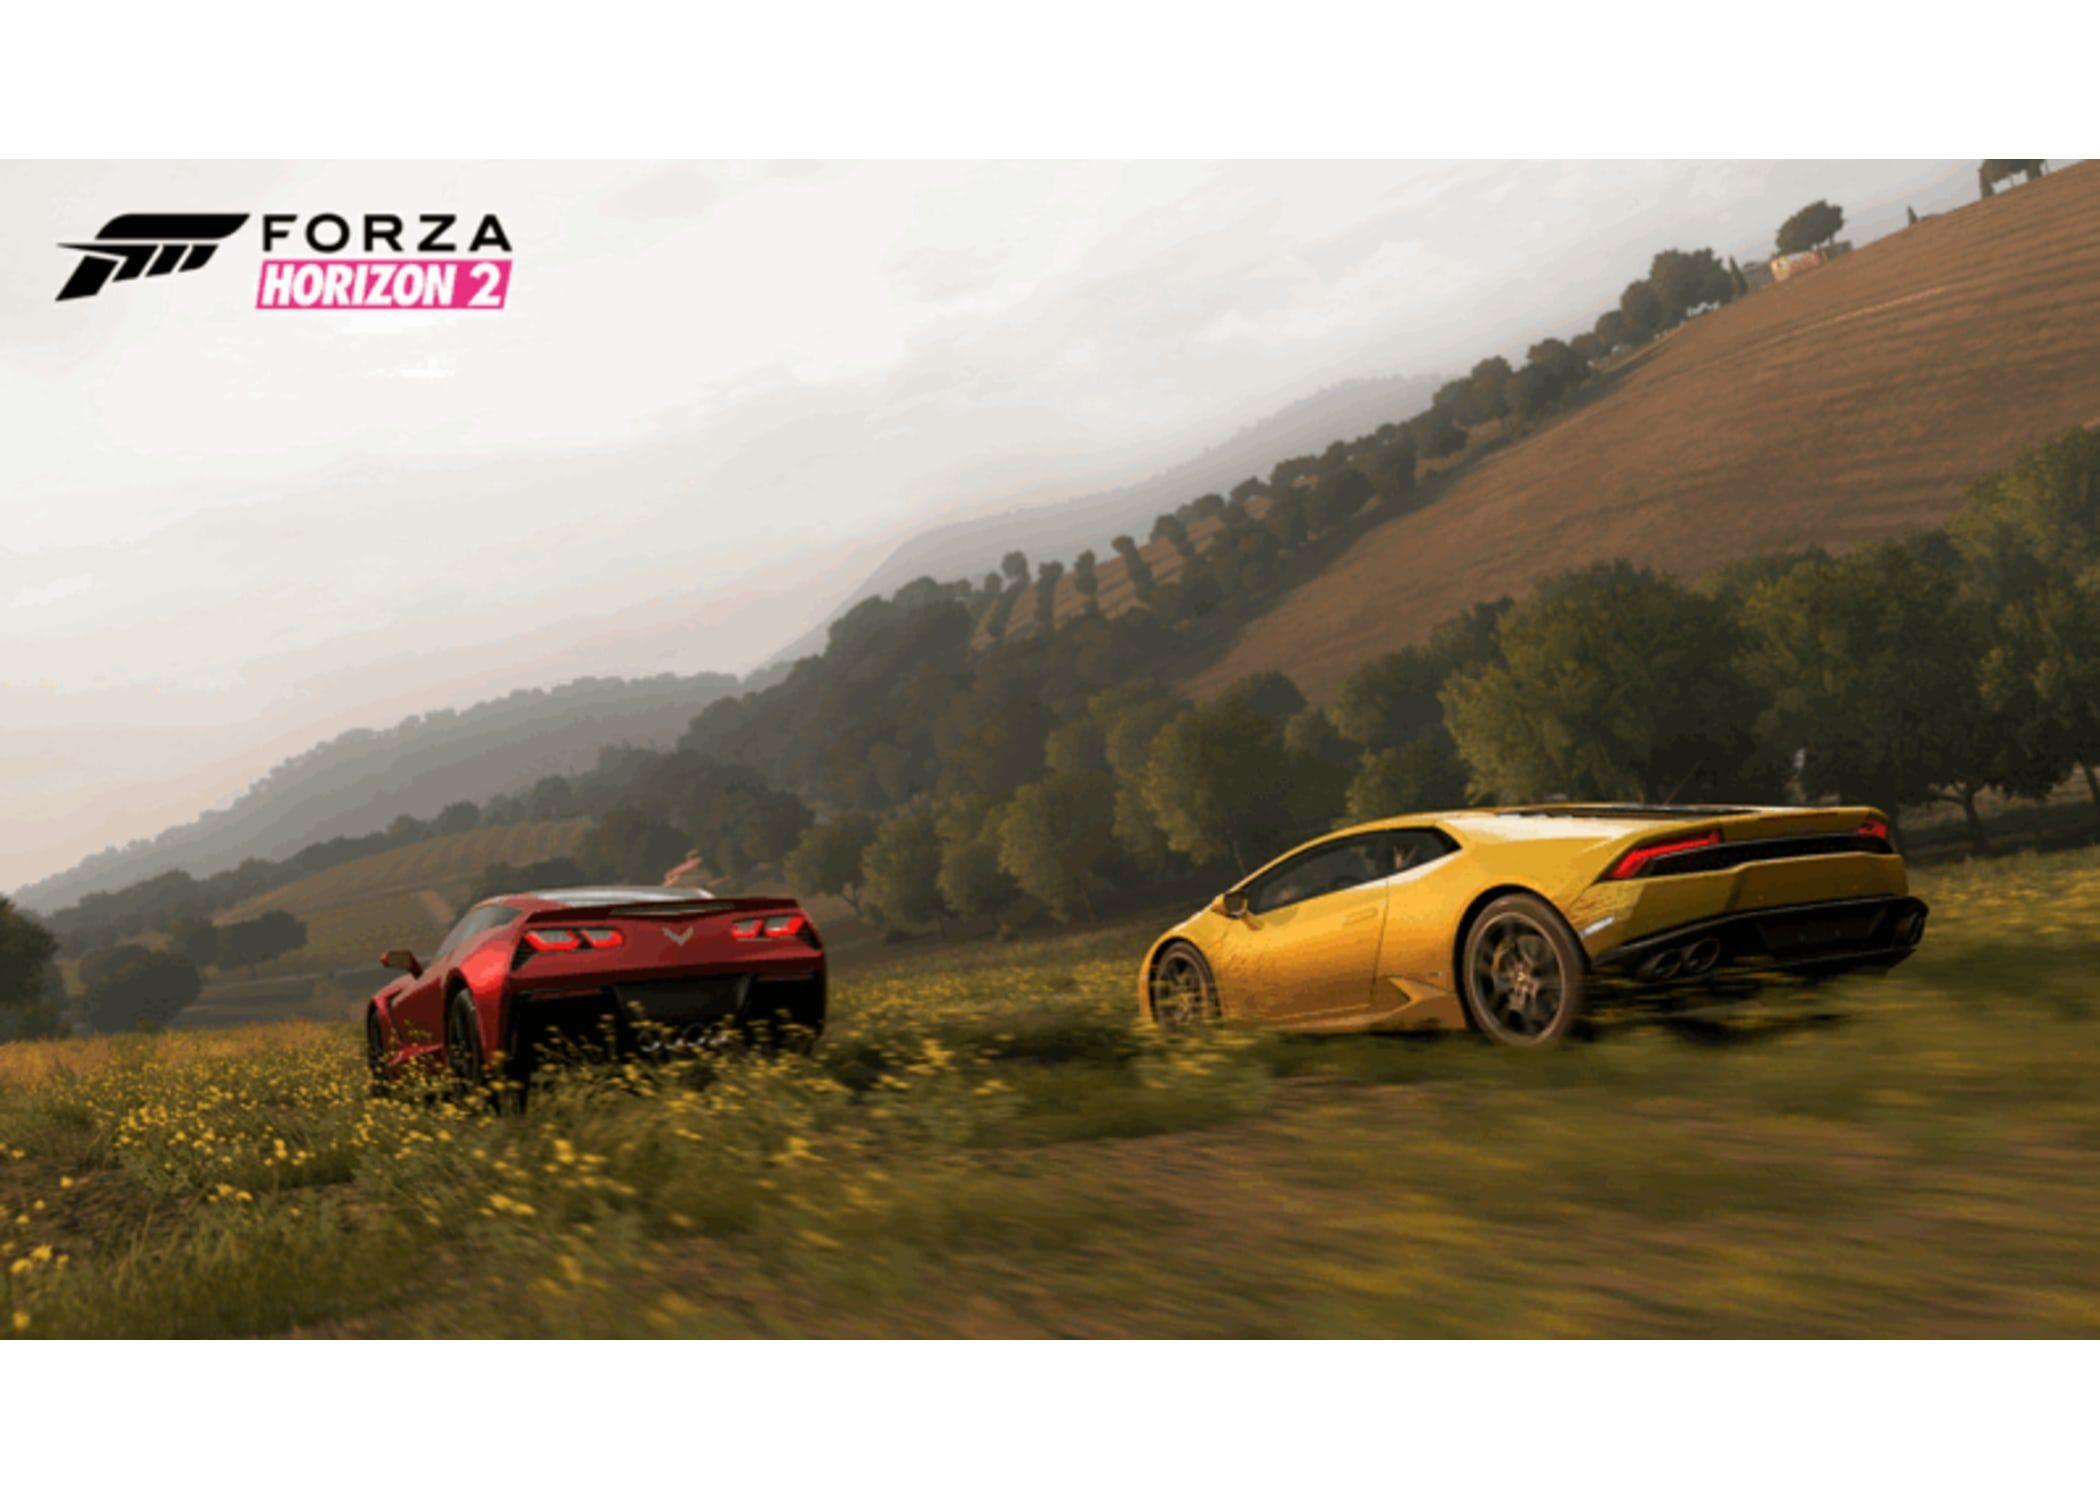 Forza Horizon 2 Day One Edition In 2020 Forza Horizon Forza Forza Horizon 3